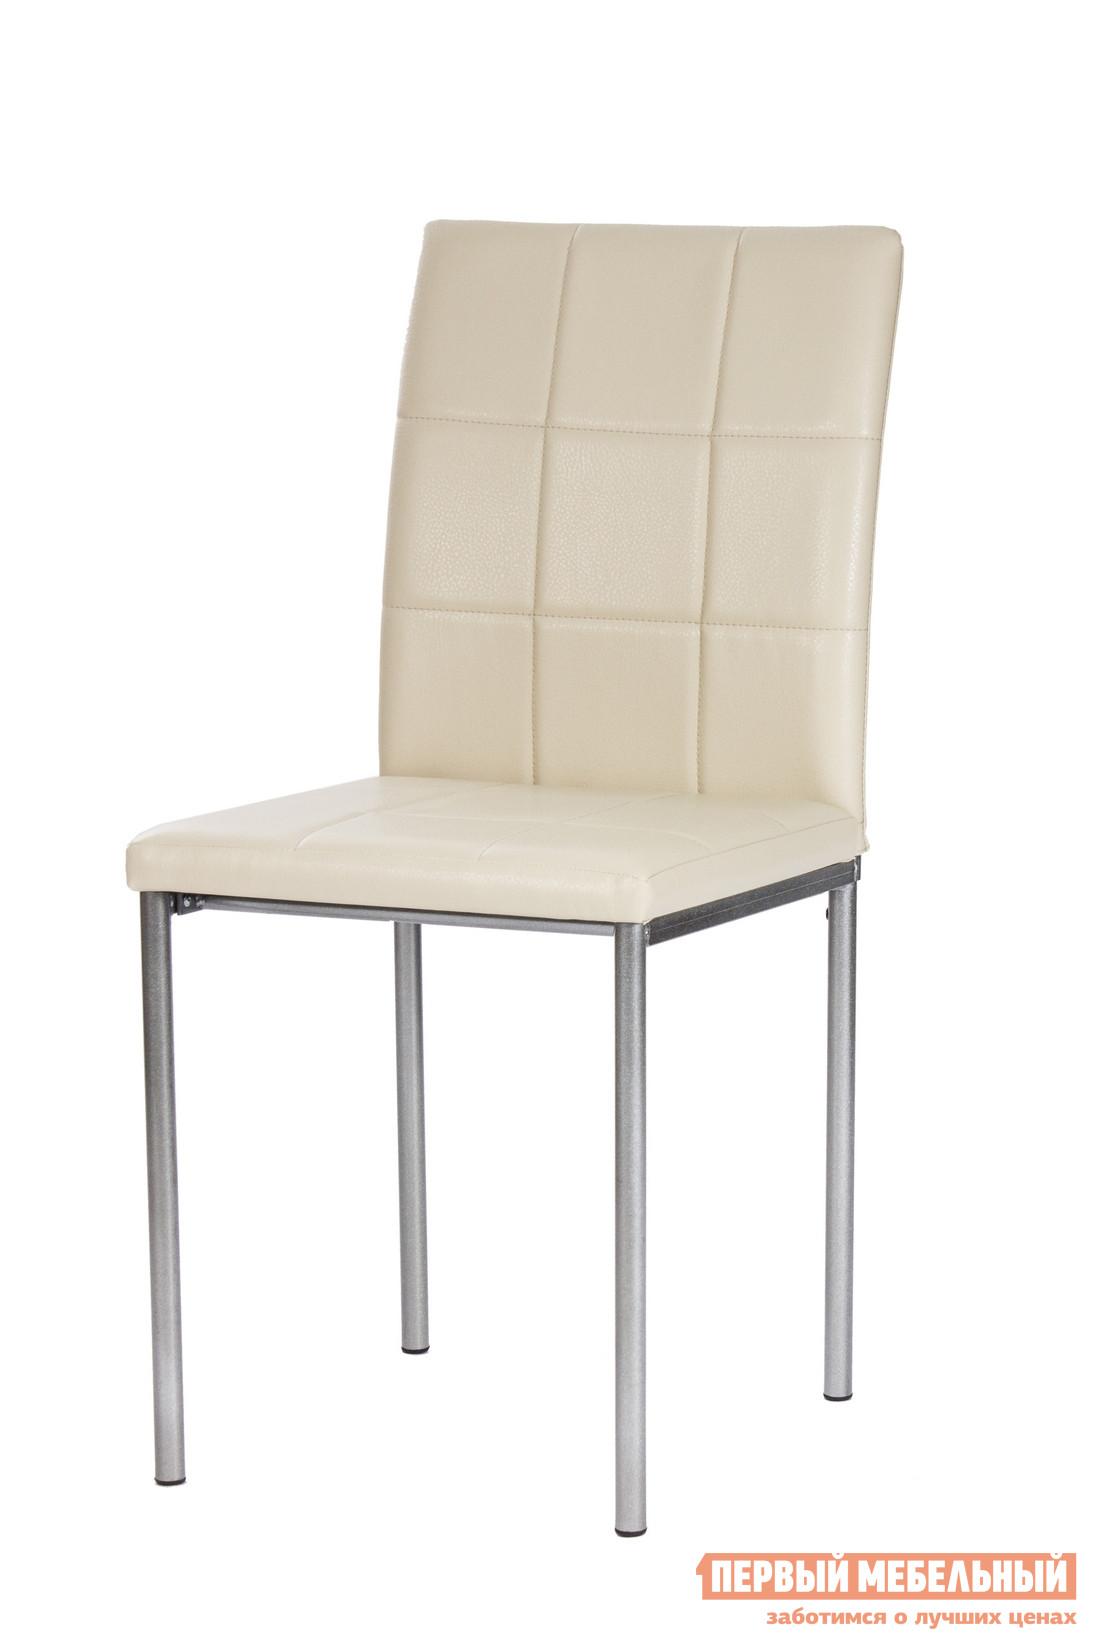 Стул для кухни Мебель Импэкс Leset 1007